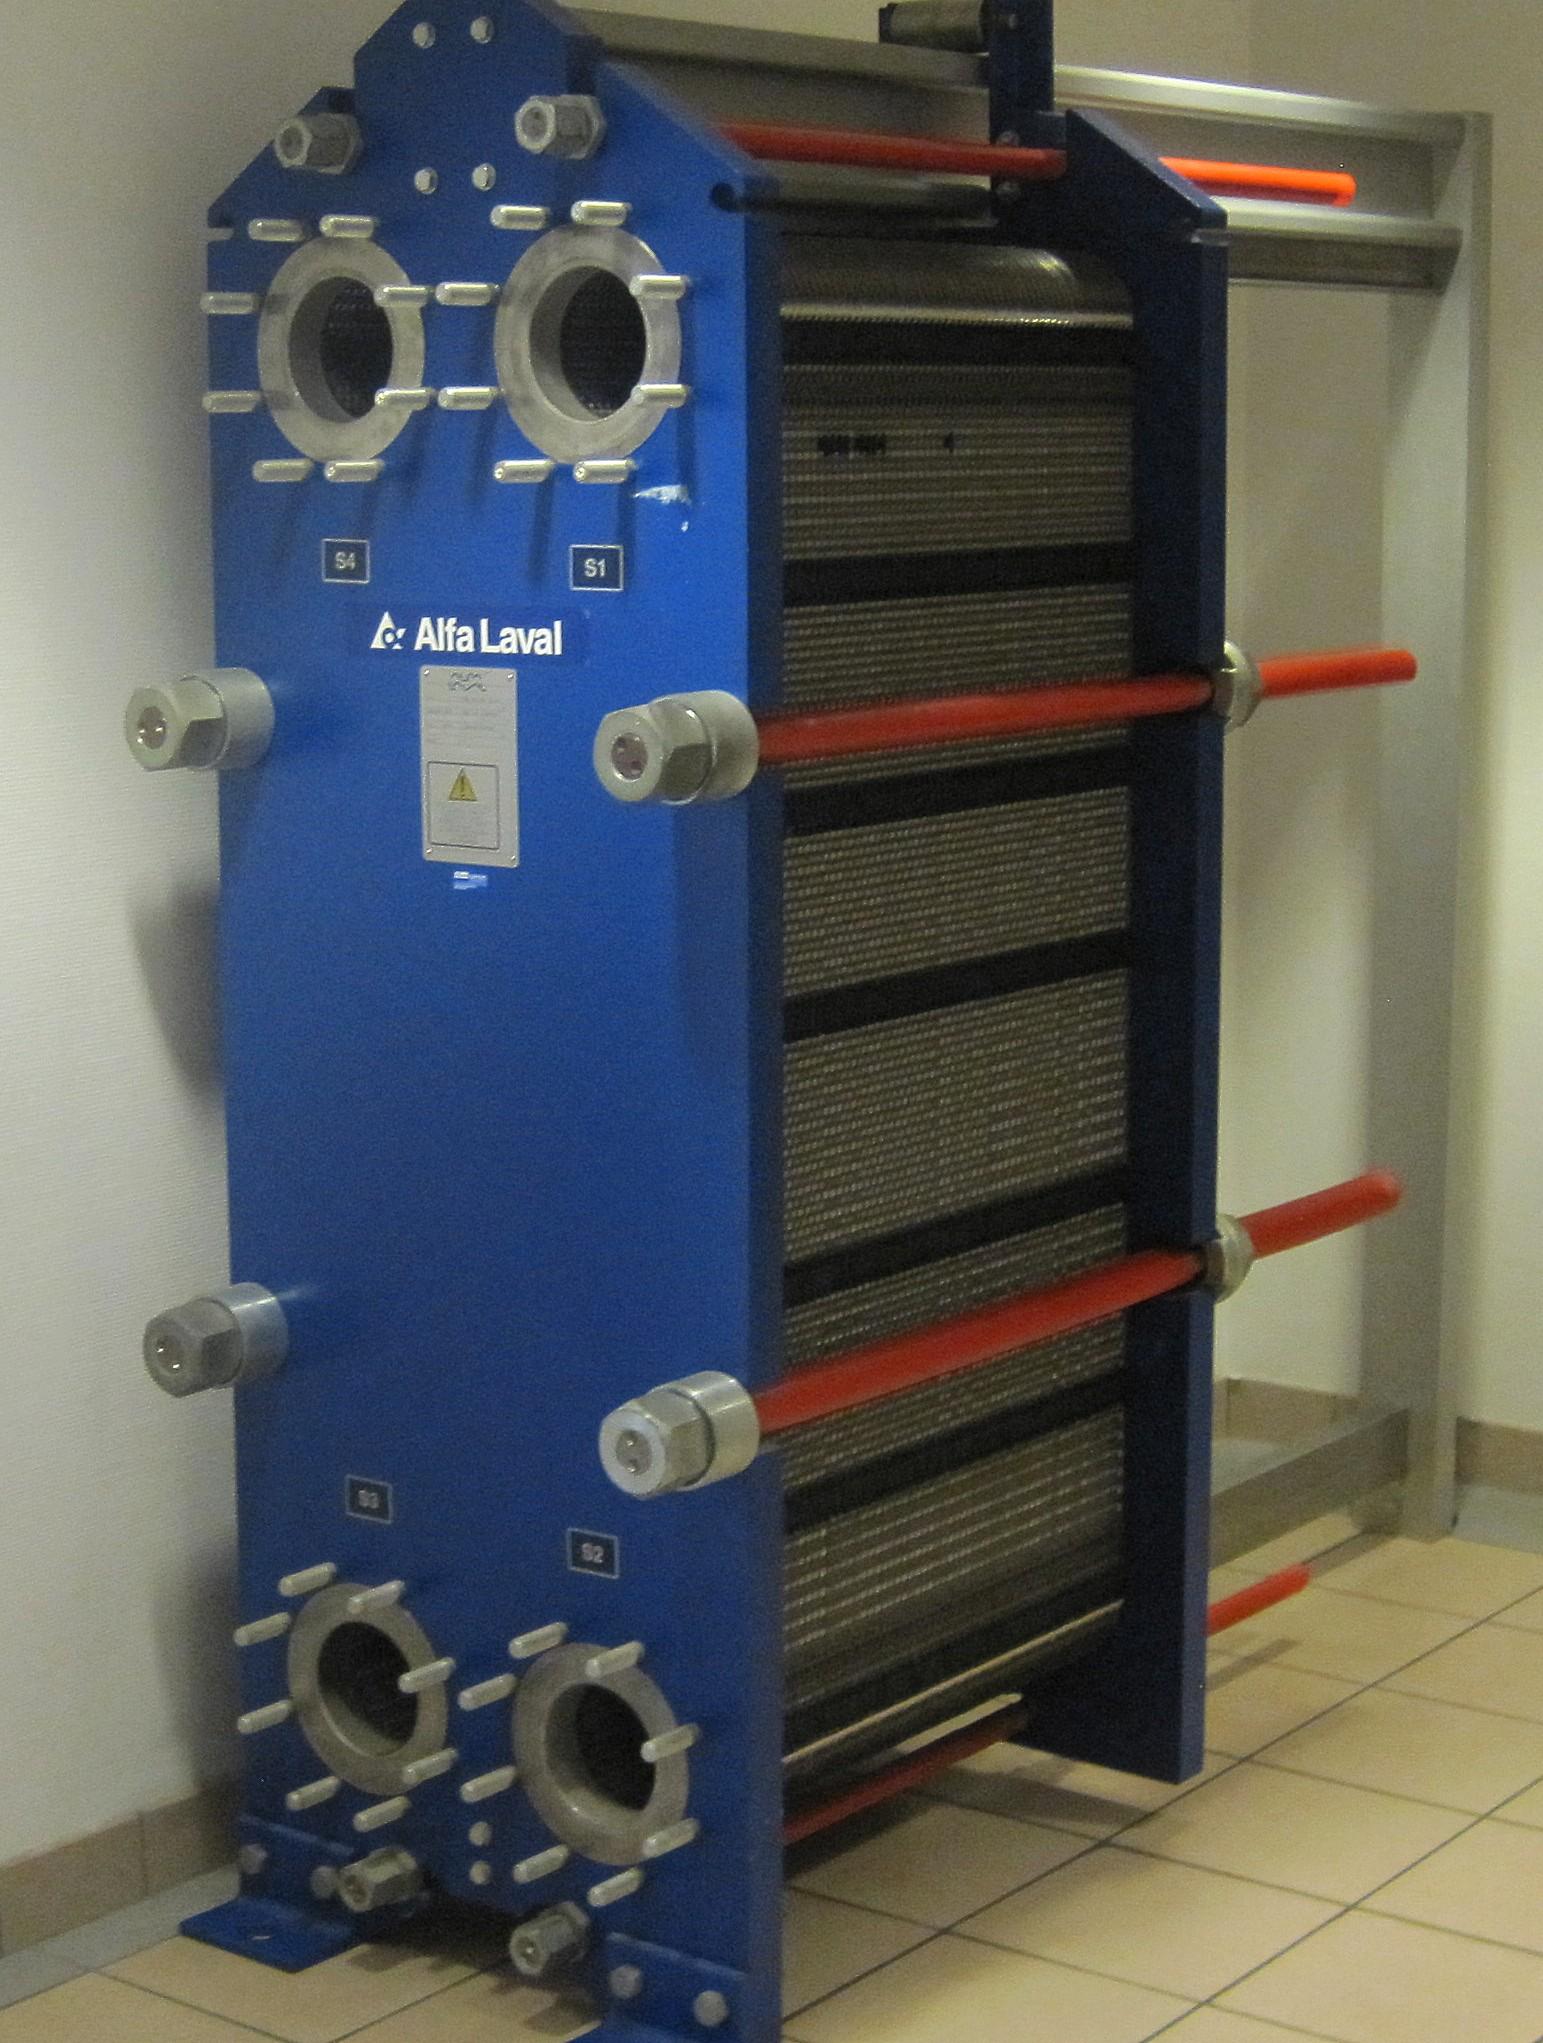 Теплообменник пластинчатый tl3-pfg alfa-laval купить теплообменник на котел ферроли domicompact c24